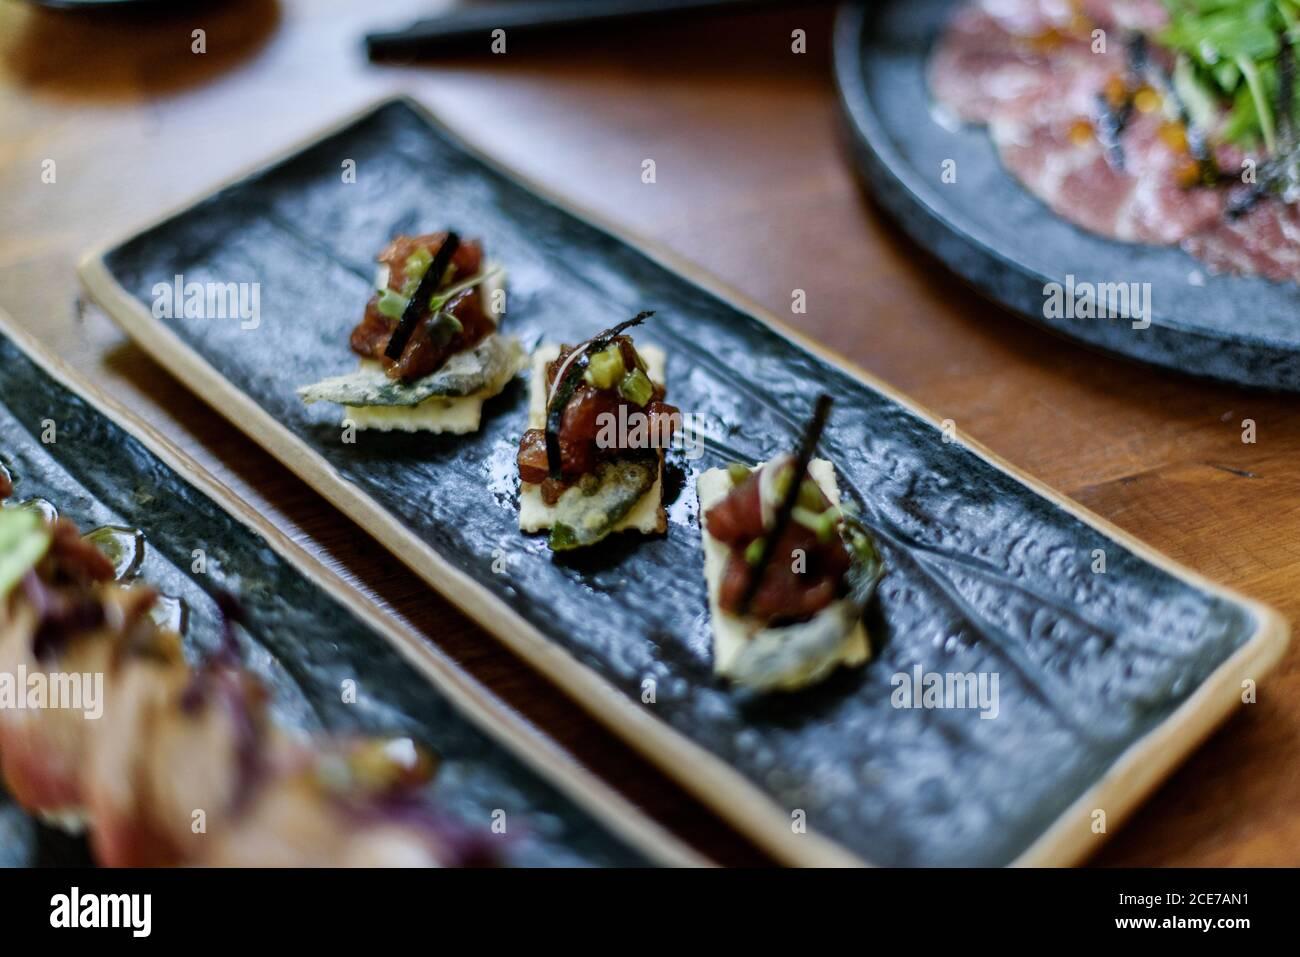 Gran ángulo de delicioso sushi con salmón picado plato sobre mesa en el restaurante Foto de stock